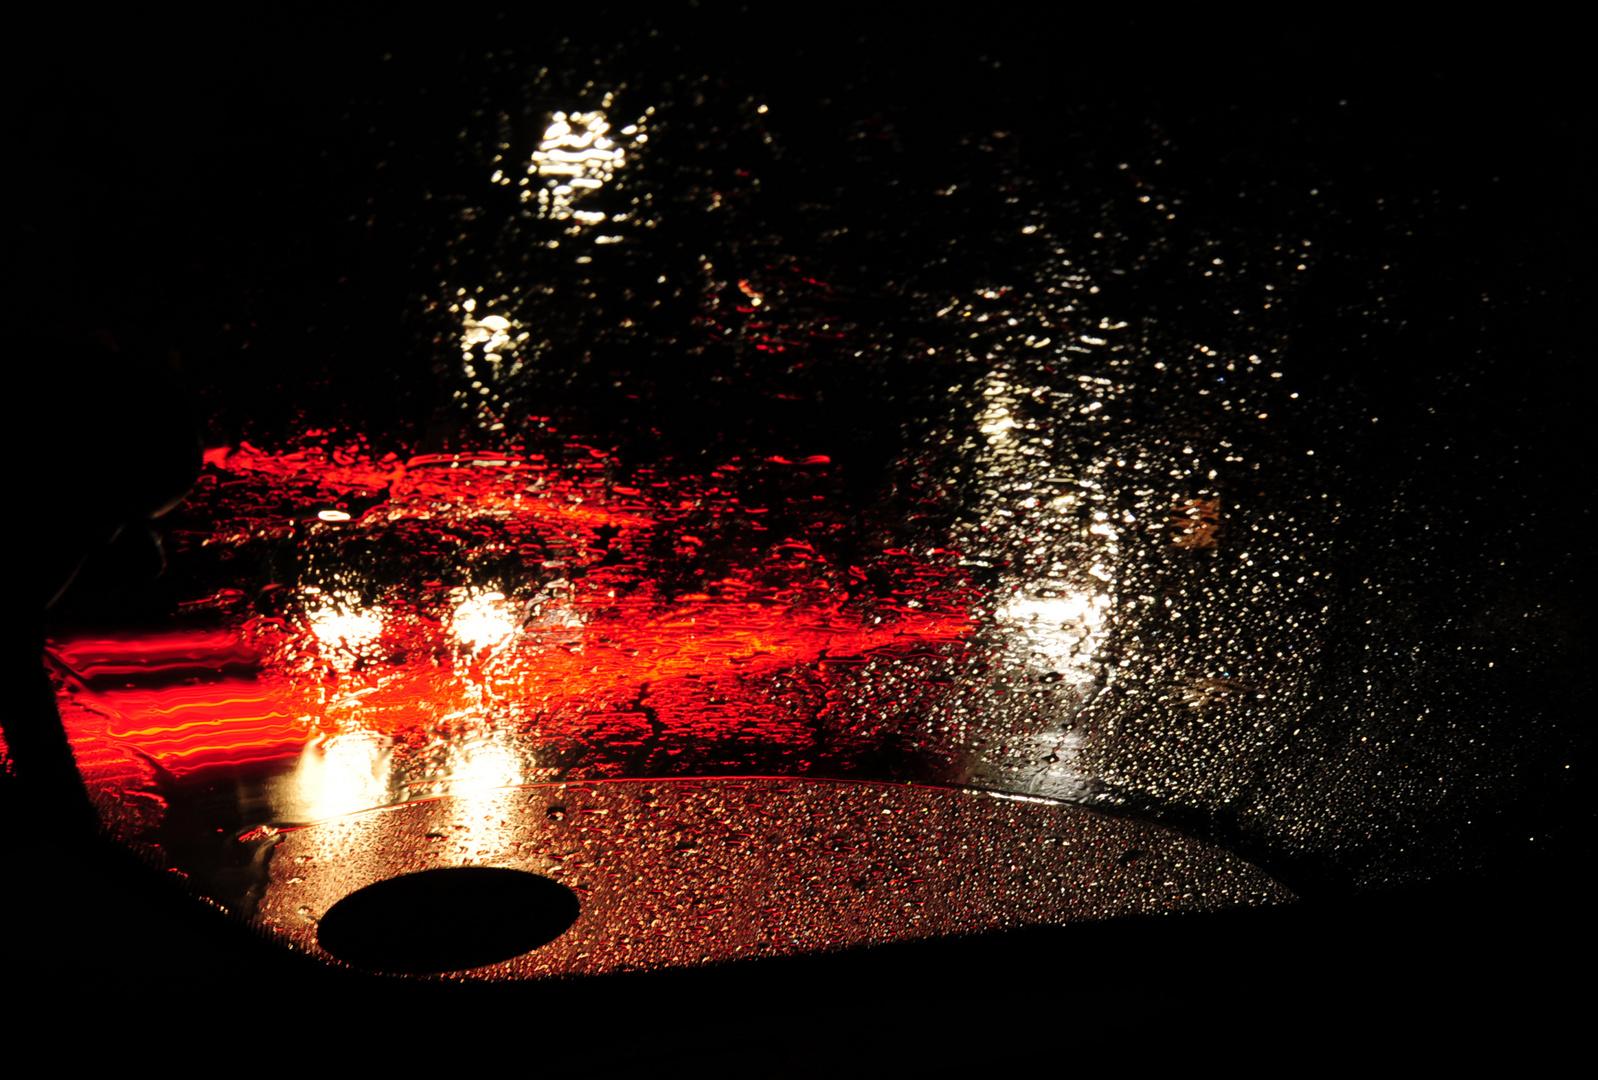 Nachts bei Regen am Straßenrand